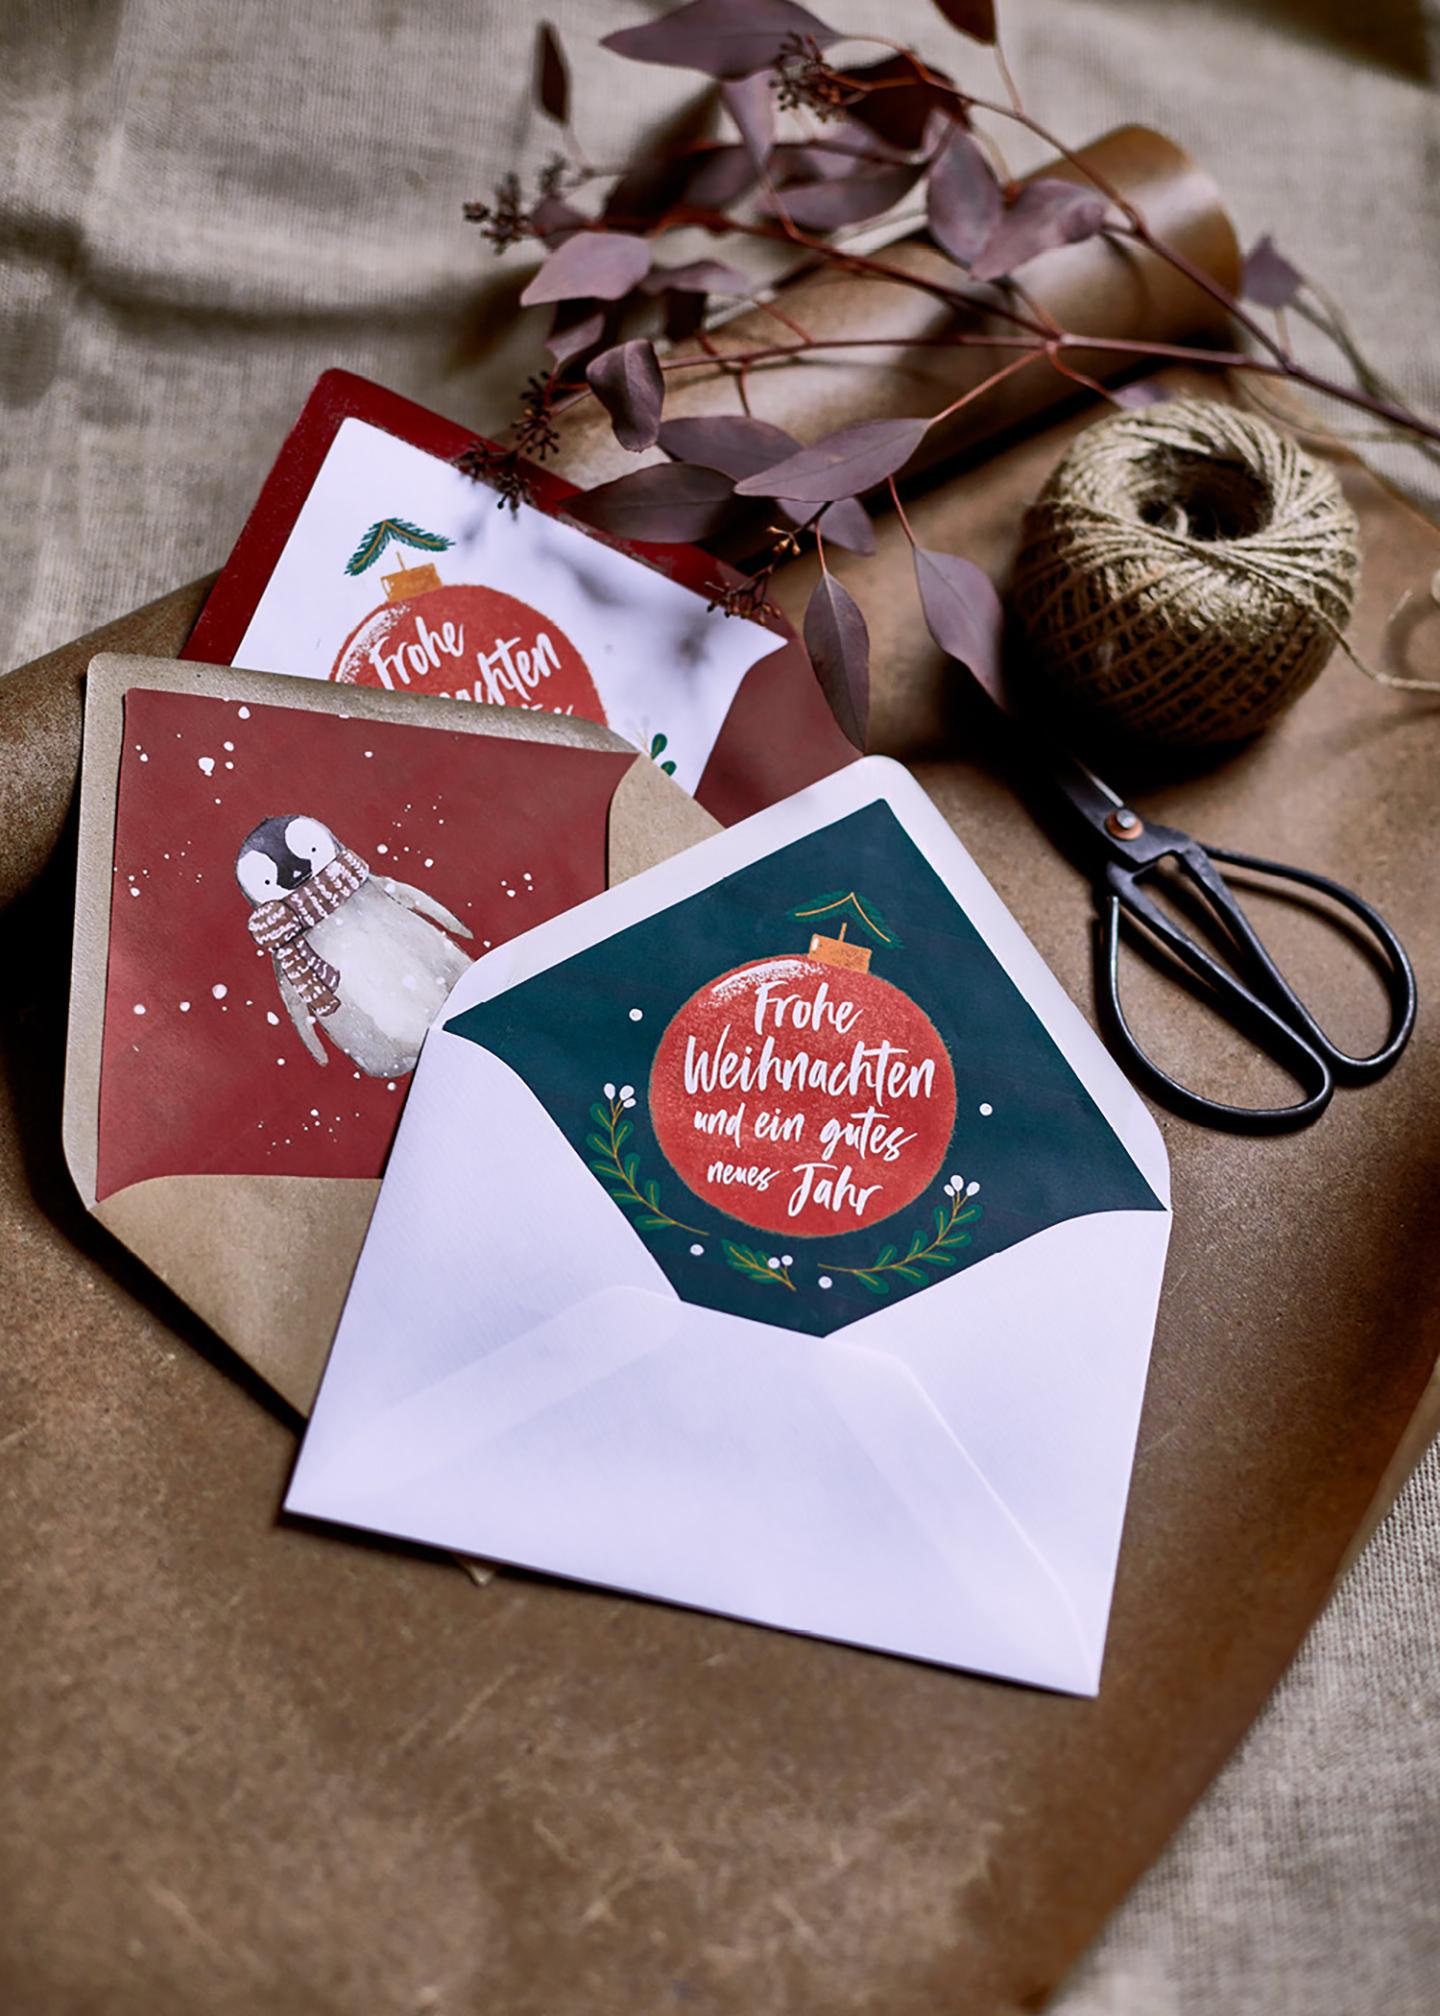 Gutscheine als Geschenk verpackt und liebevoll in Umschlägen verschenkt: Endergebnis DIY